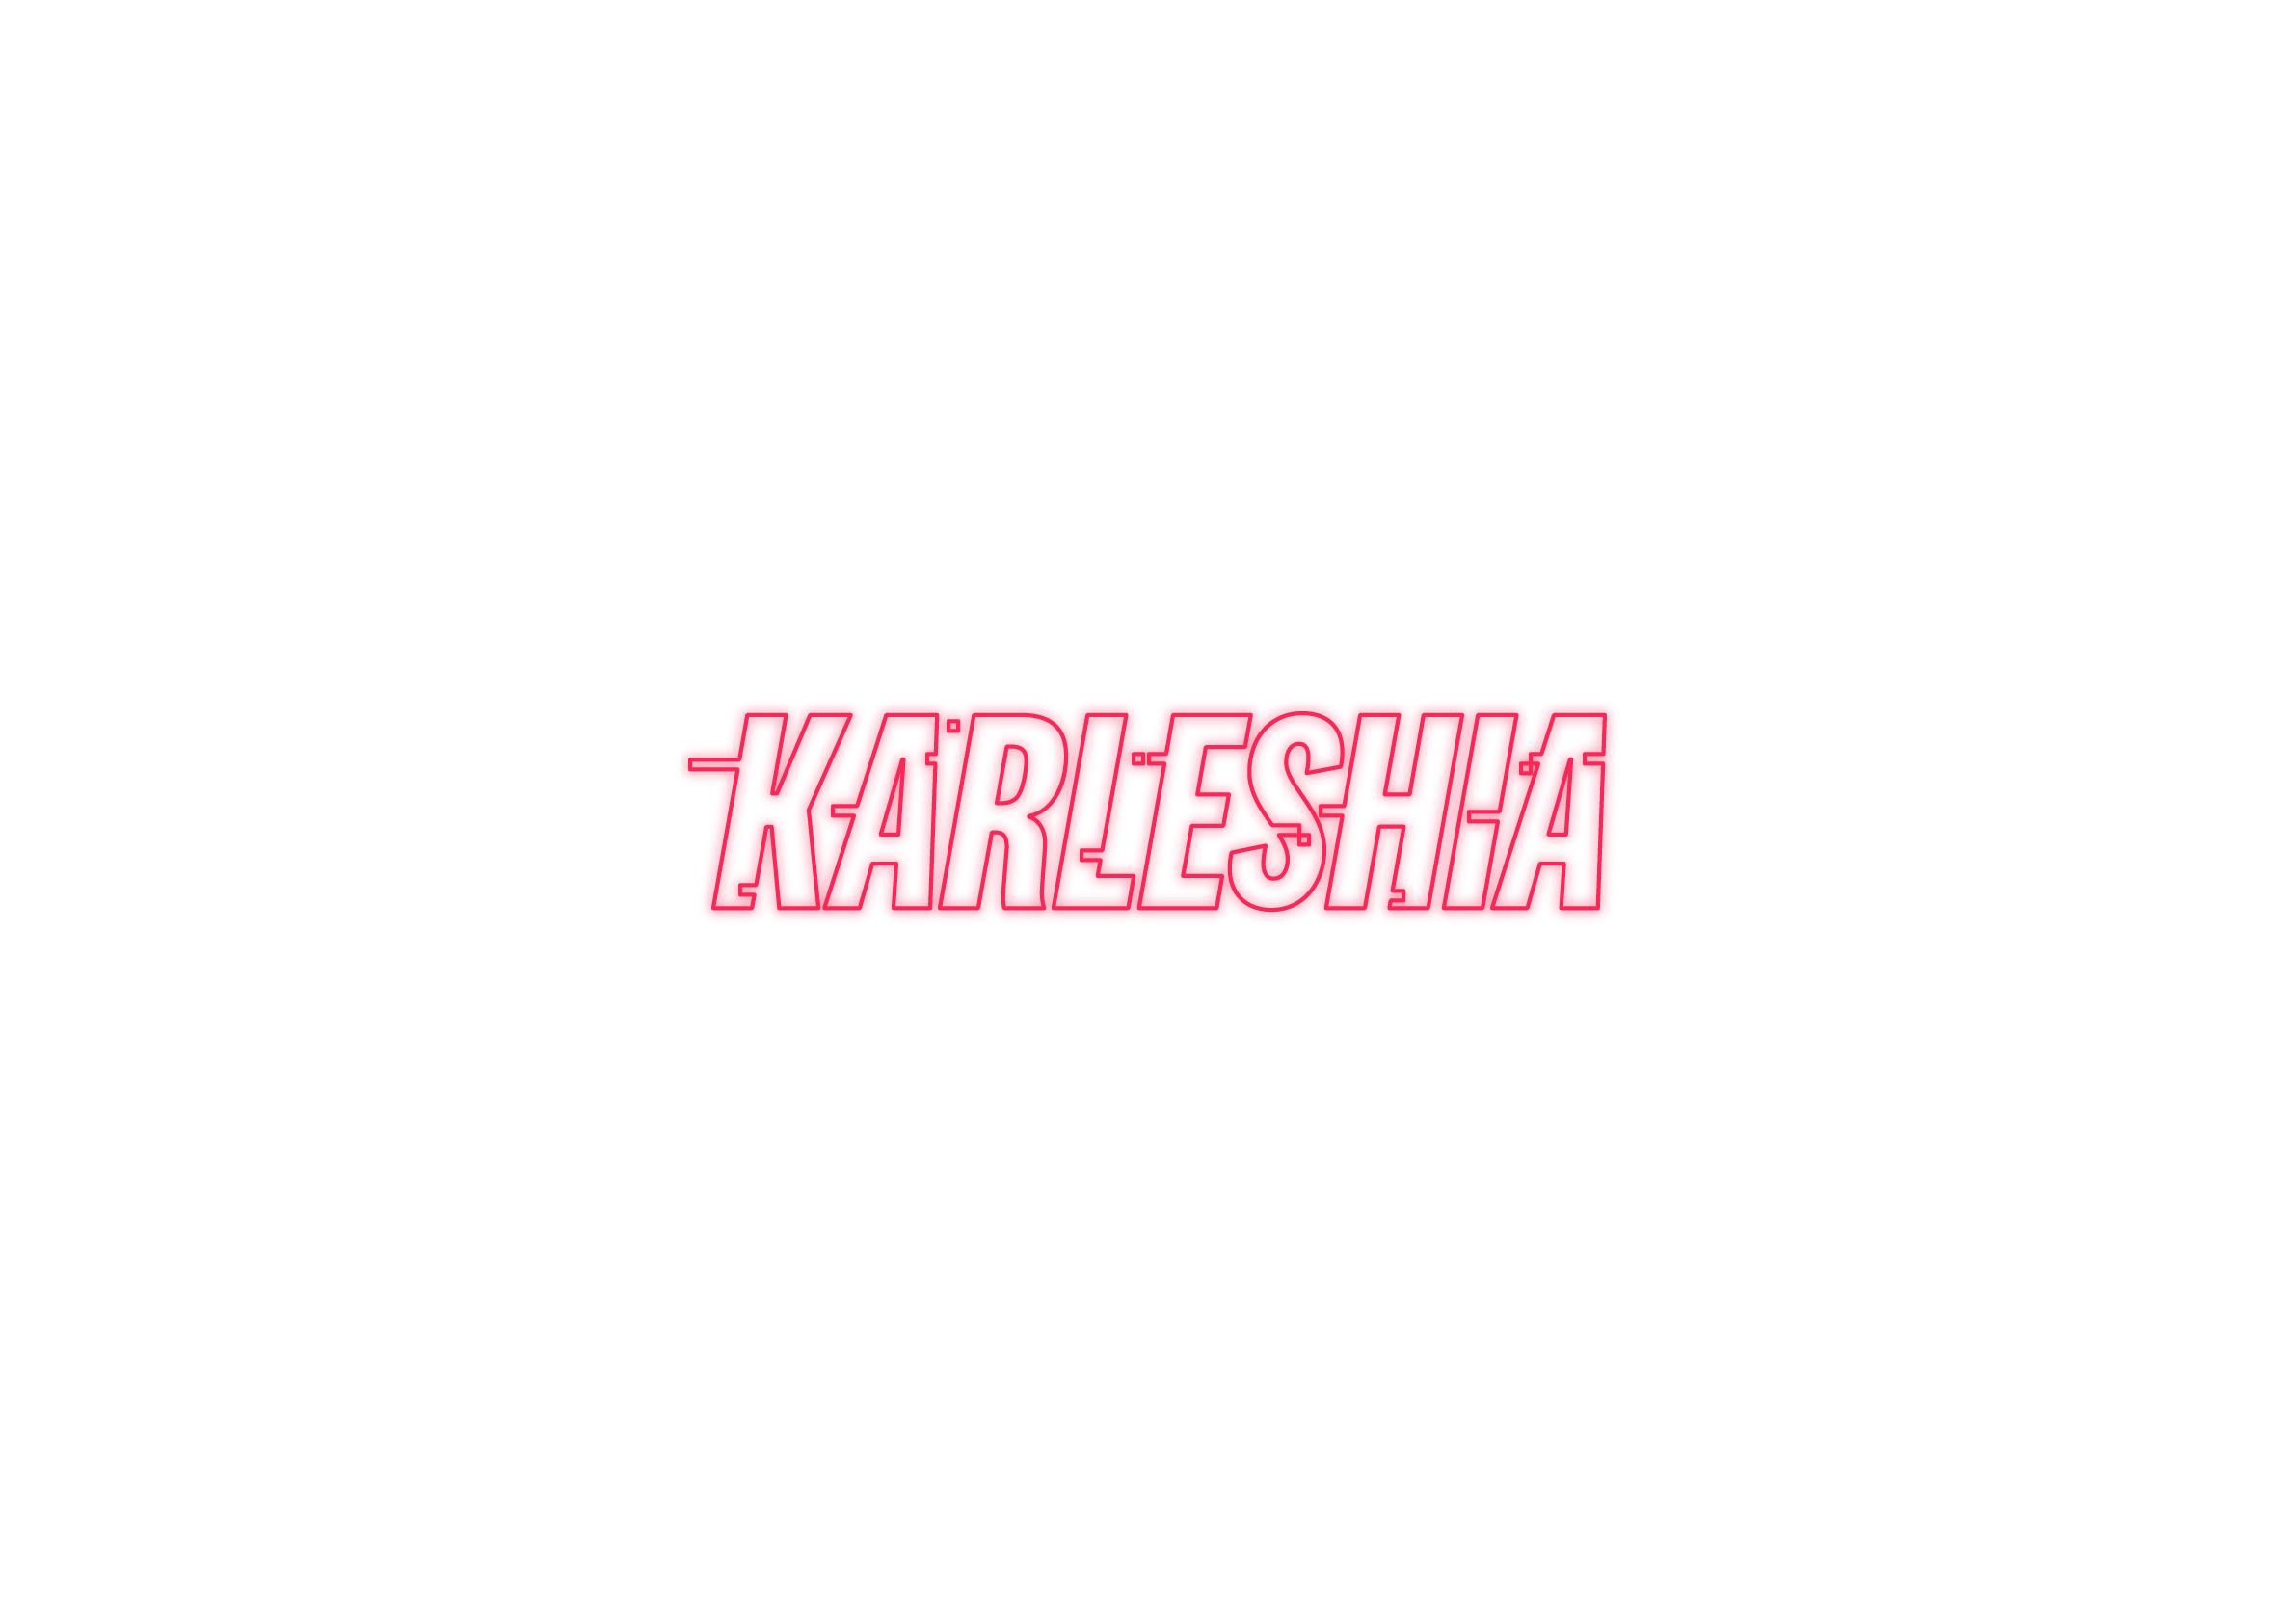 karleshia-3.jpg